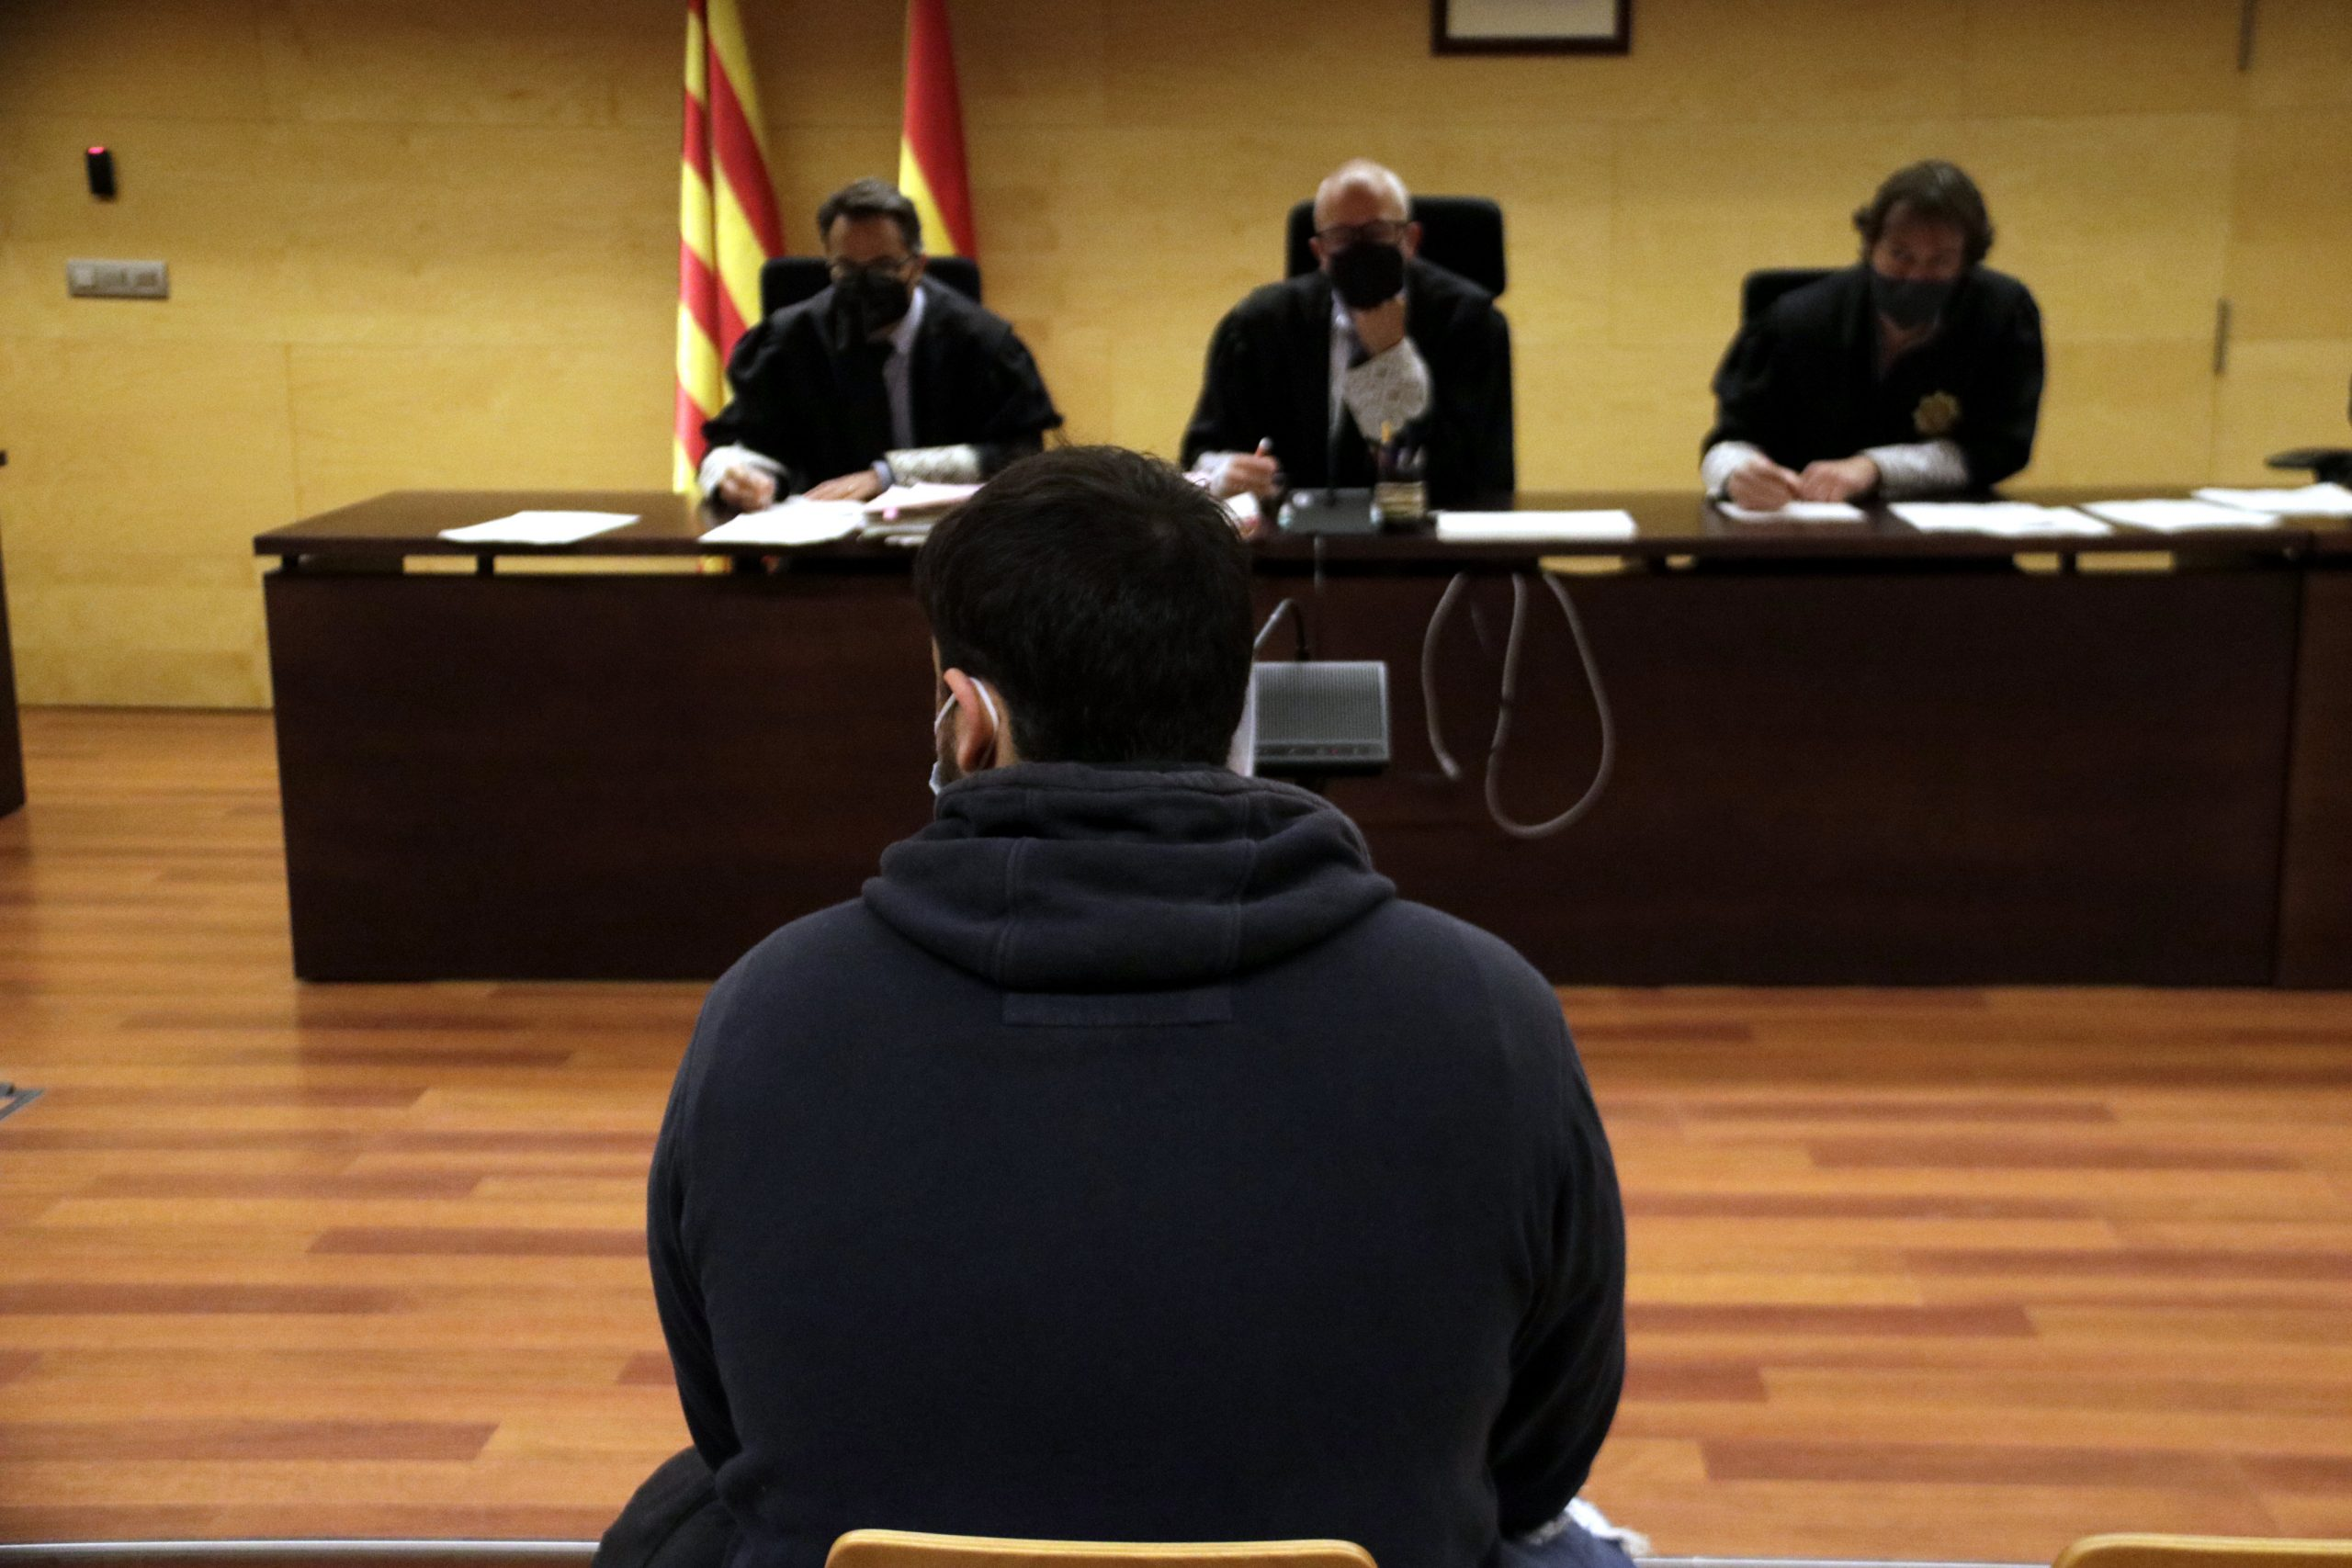 Un acusat de participar als disturbis postsentència a Girona  (ACN)